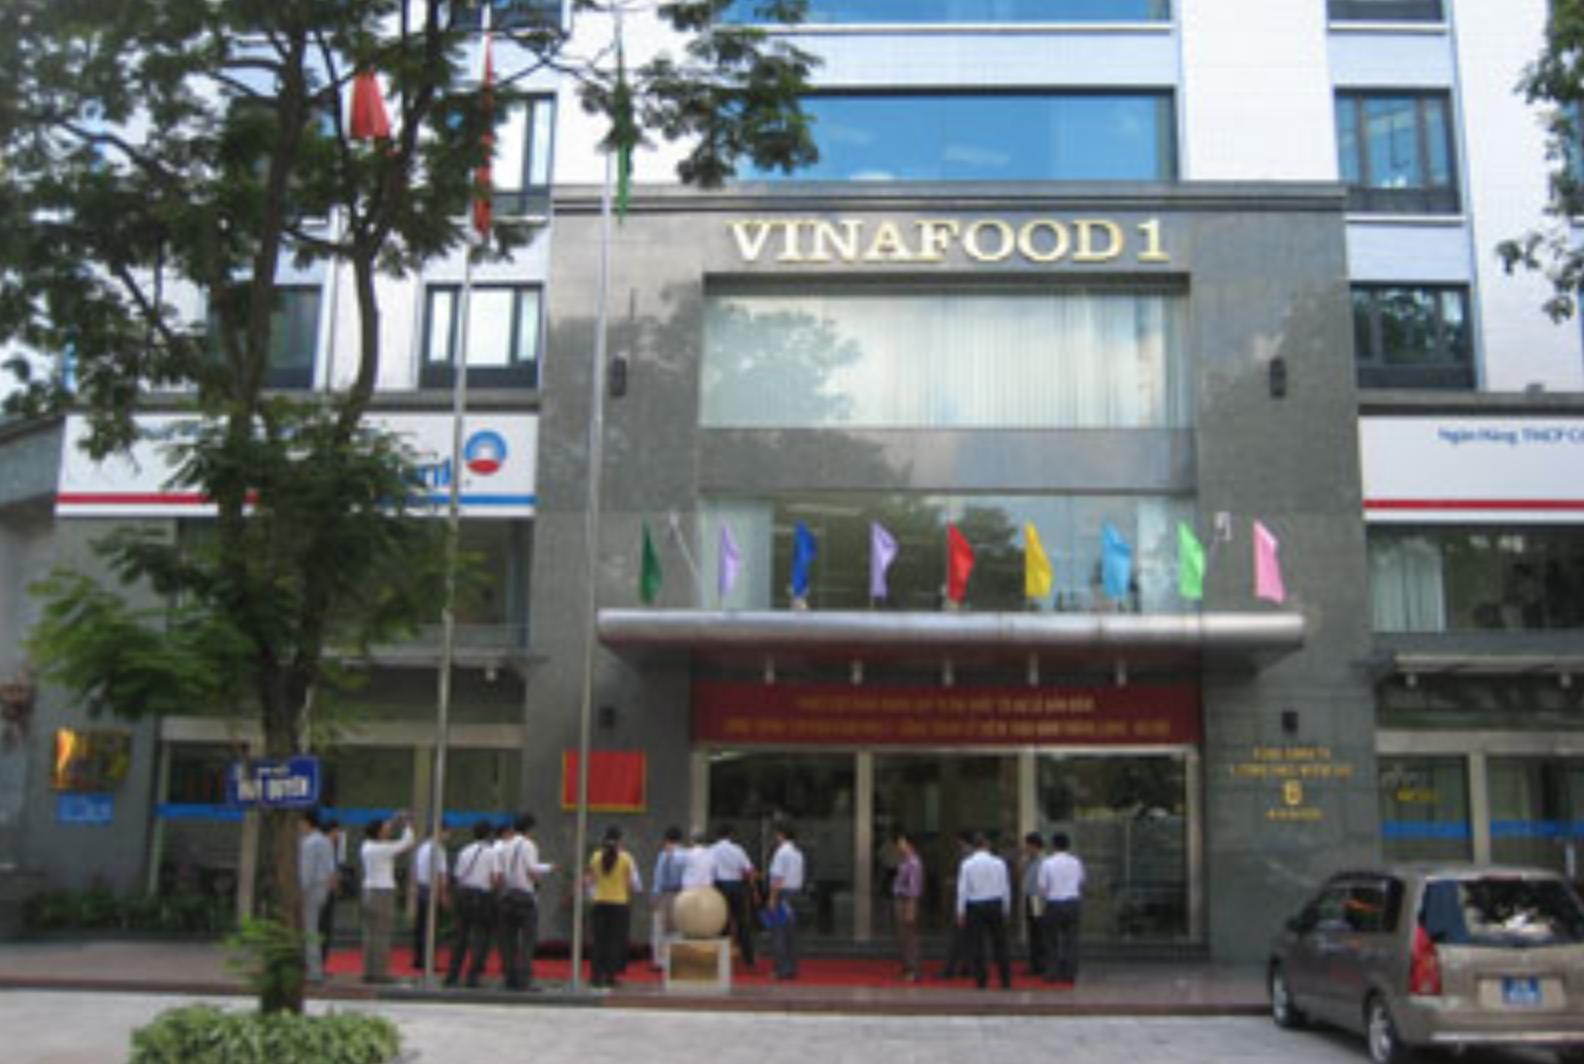 Hoa Kỳ tố CSVN chưa khai báo nhiều công ty quốc doanh với WTO